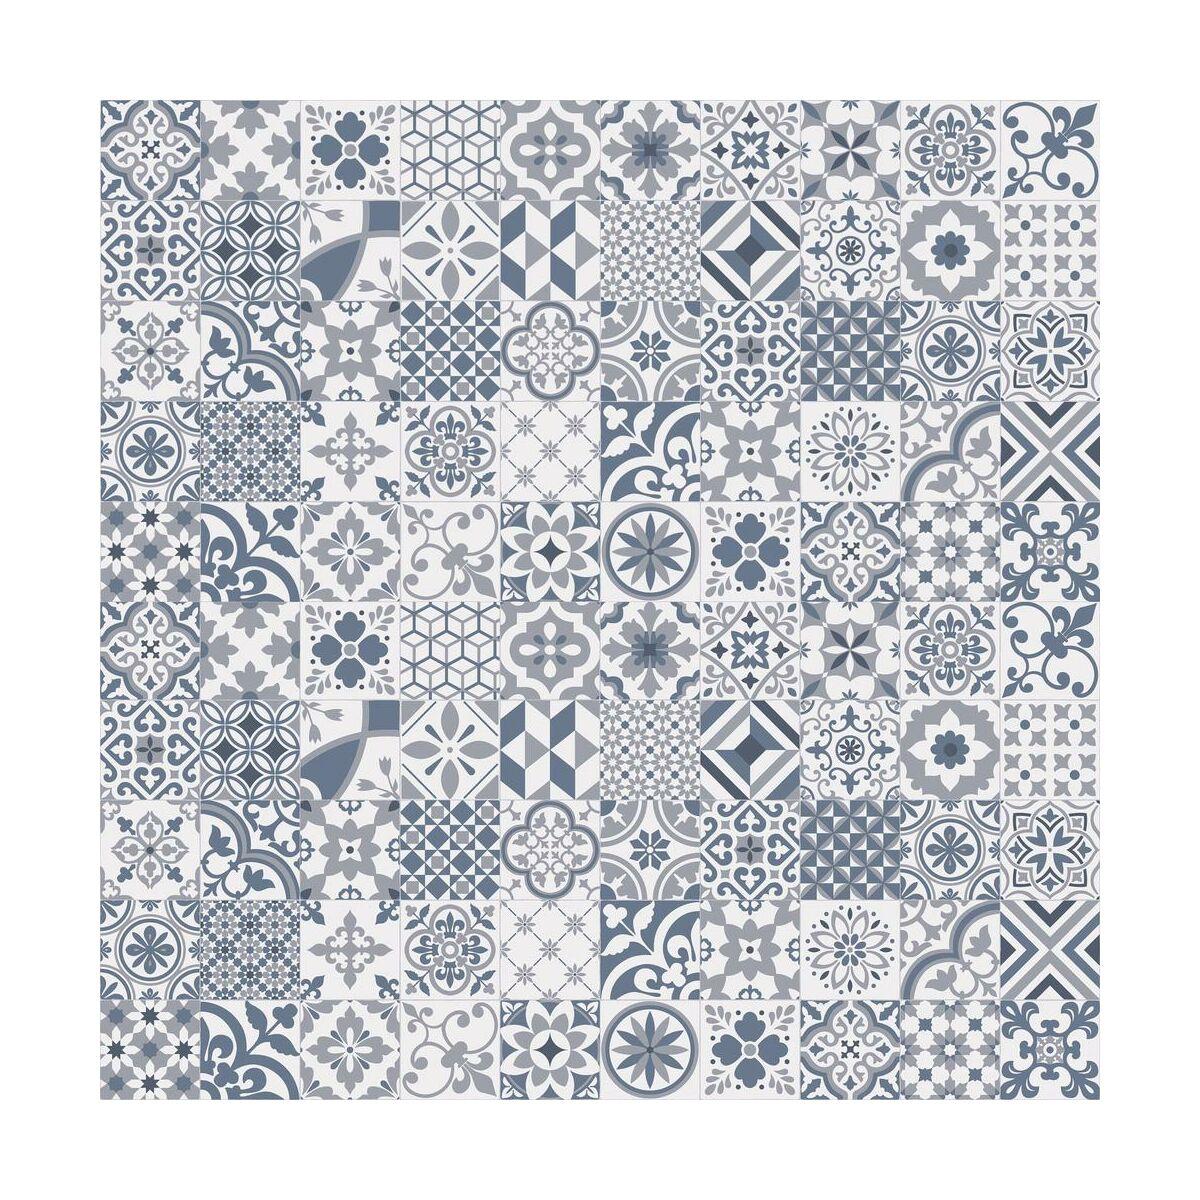 Wykladzina Pcv Feelings Algrave Niebieska Mozaika 3 M Wykladziny Pcv W Atrakcyjnej Cenie W Sklepach Leroy Merlin